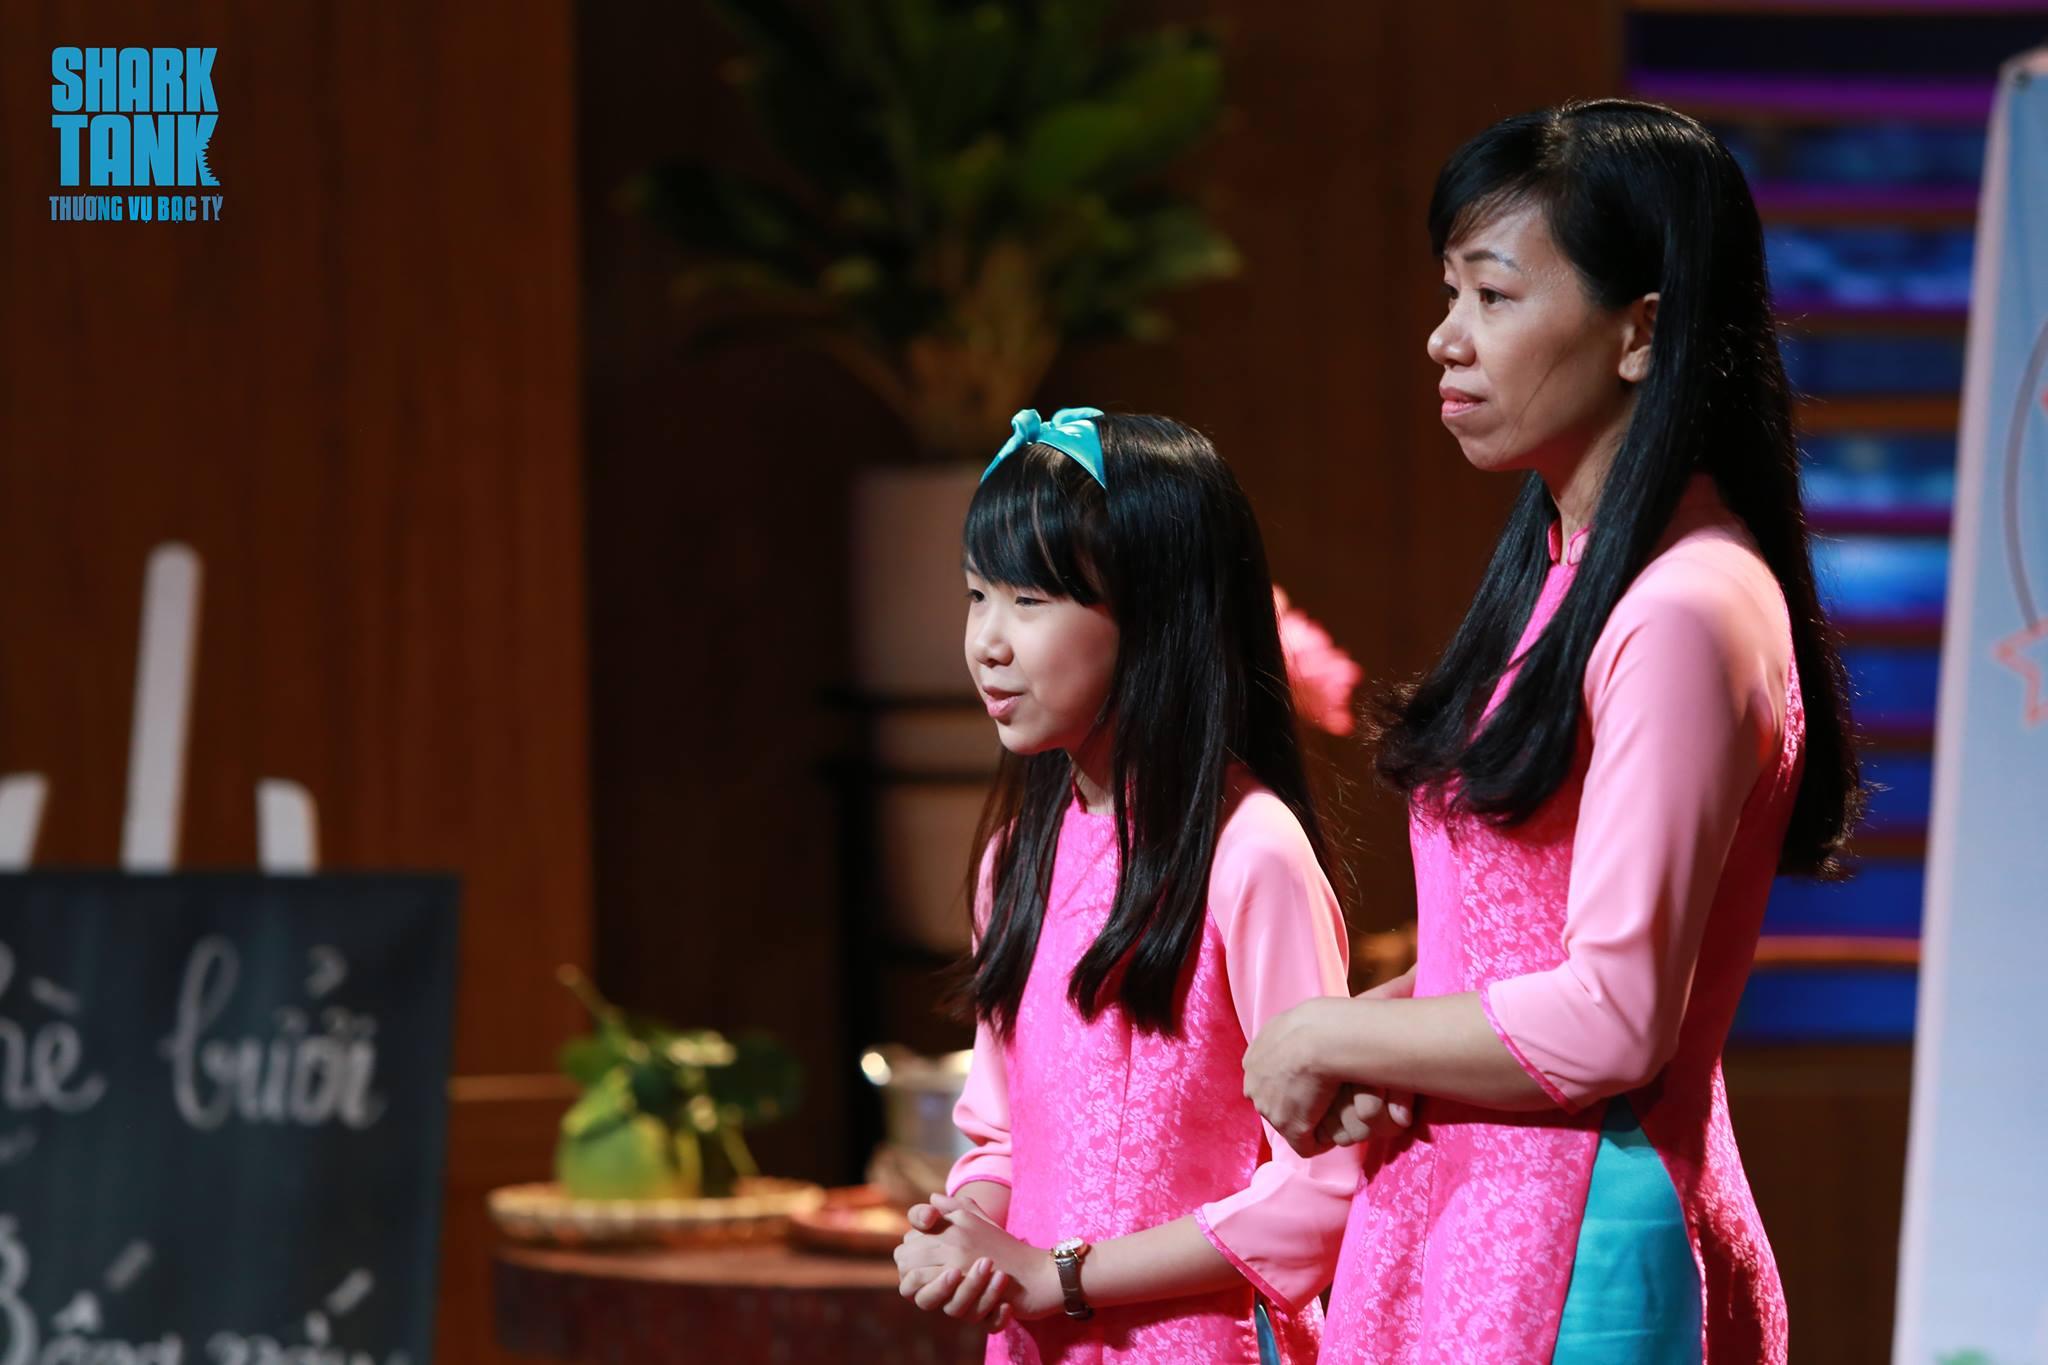 Cô bé Tuyên Quang 7 tuổi khởi nghiệp, 11 tuổi gọi vốn thành công gây bão truyền hình - 1